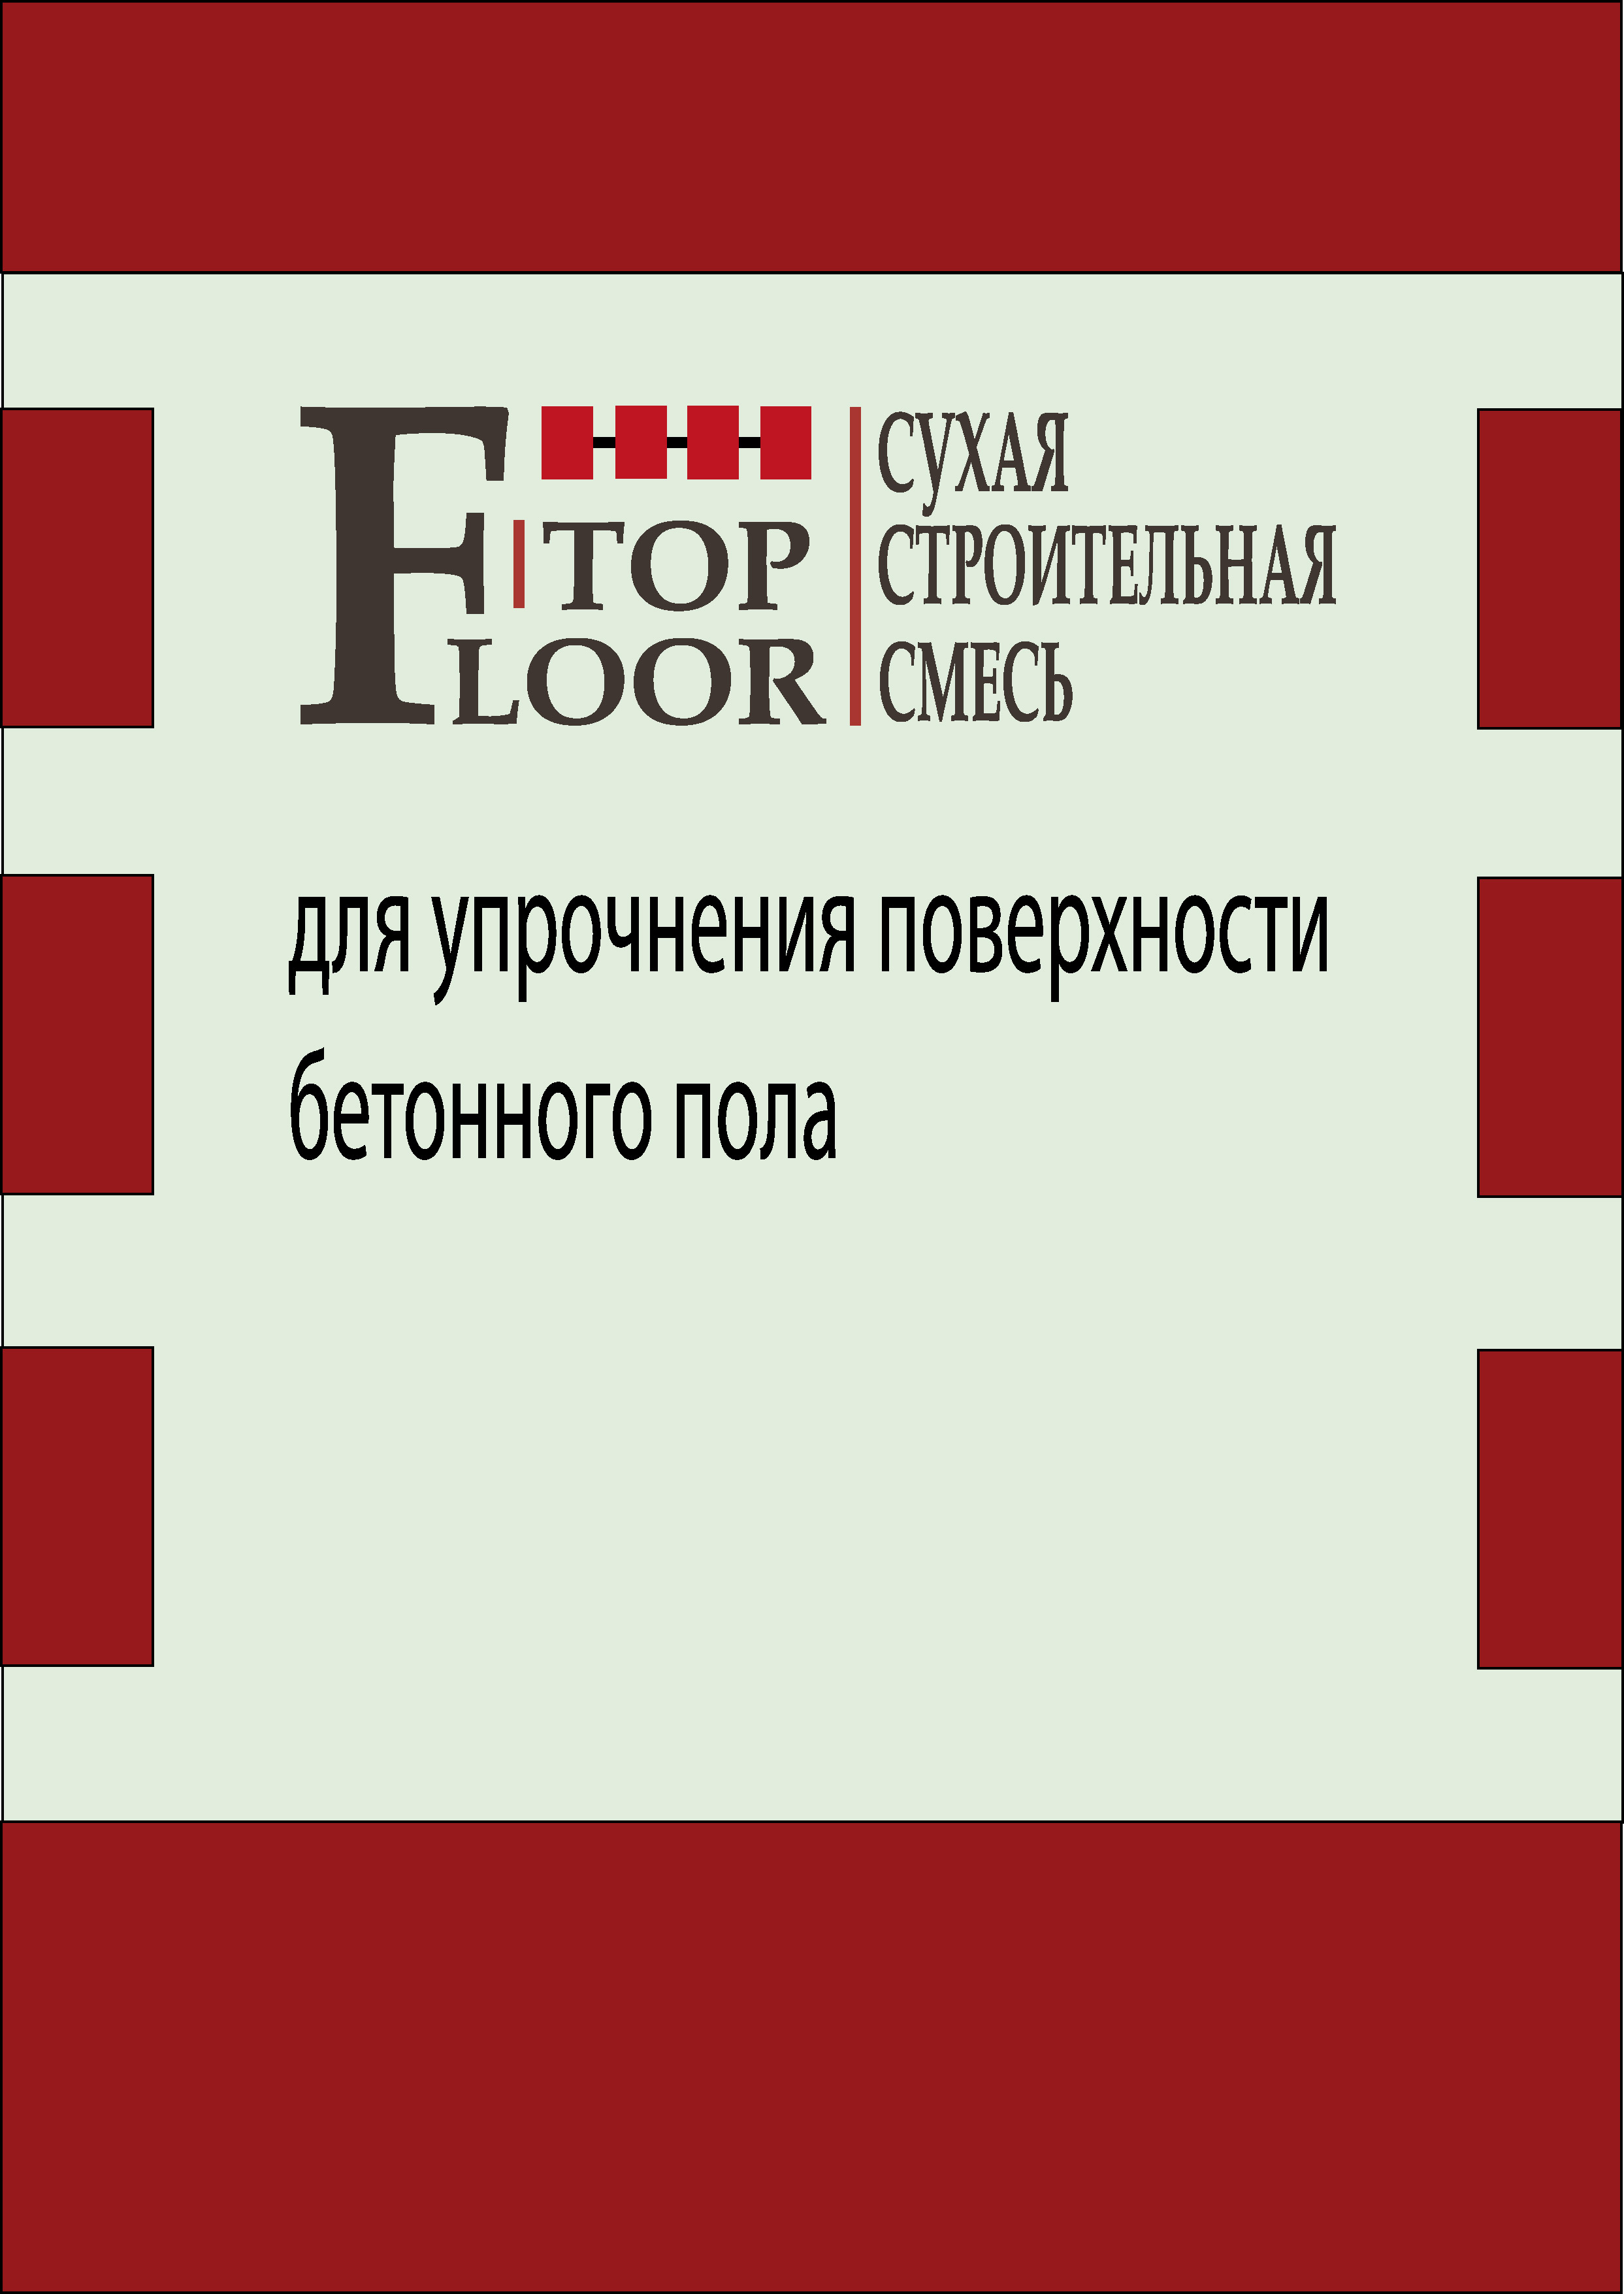 Разработка логотипа и дизайна на упаковку для сухой смеси фото f_5615d2a4597db7ec.jpg